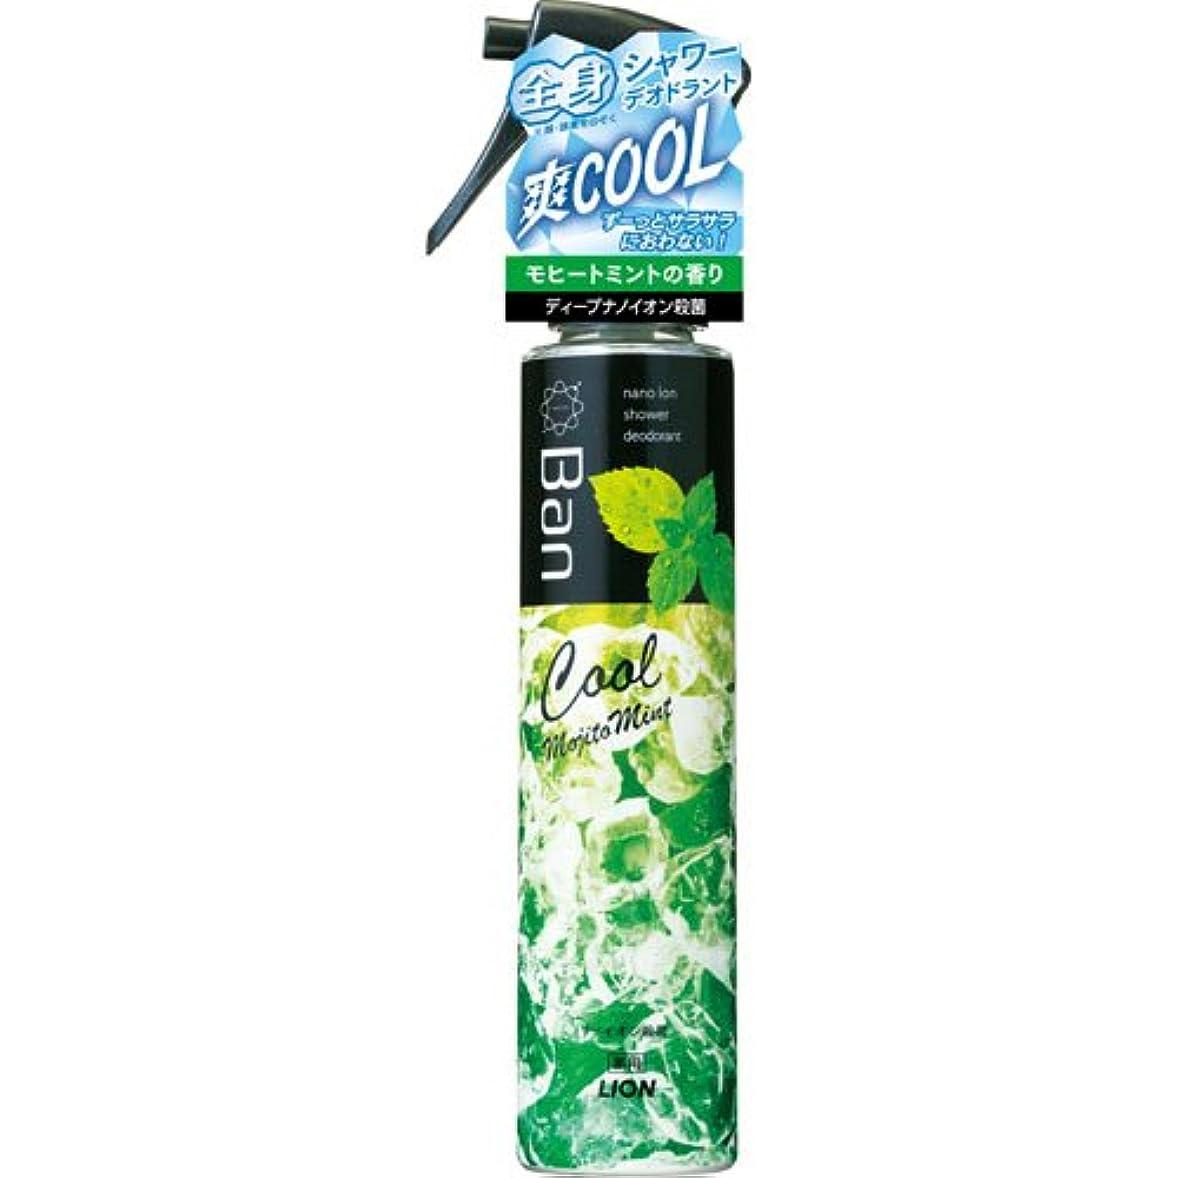 エジプト人広範囲ちっちゃいBan シャワーデオドラントクールタイプ モヒートミントの香り 120ml (医薬部外品)